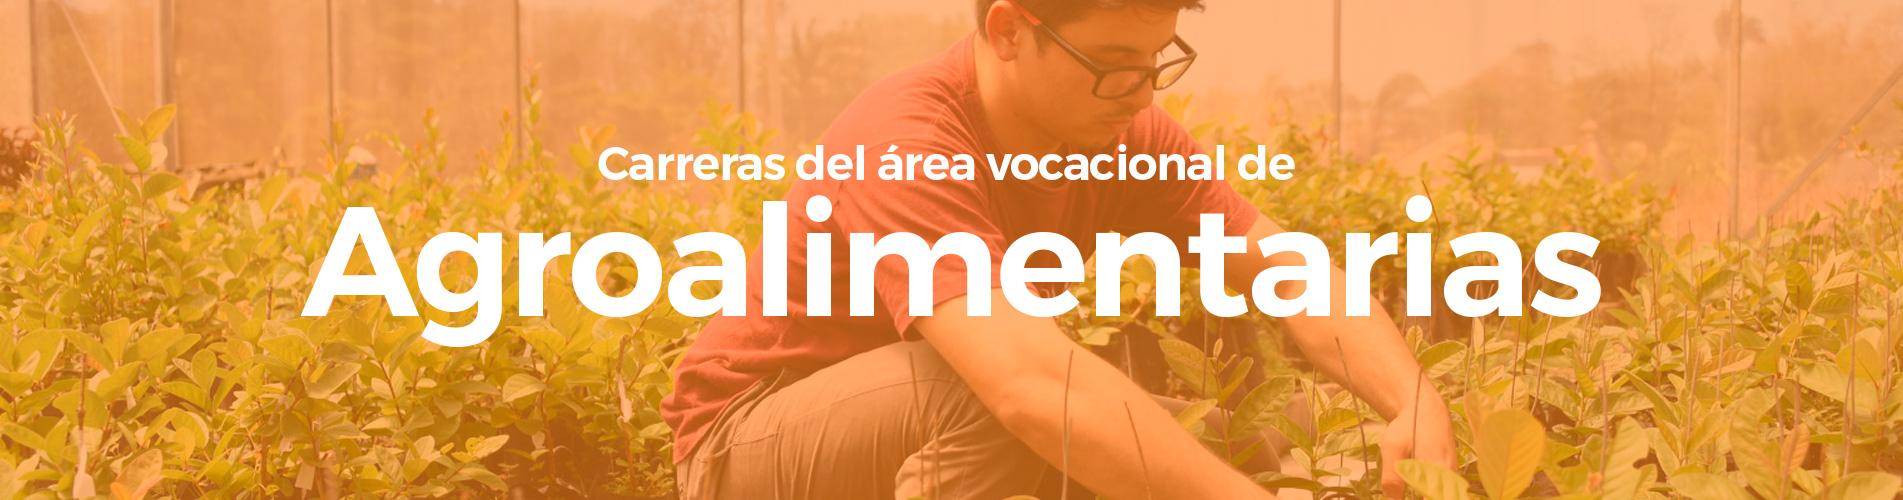 Carreras del área vocacional de Ciencias Agroalimentarias